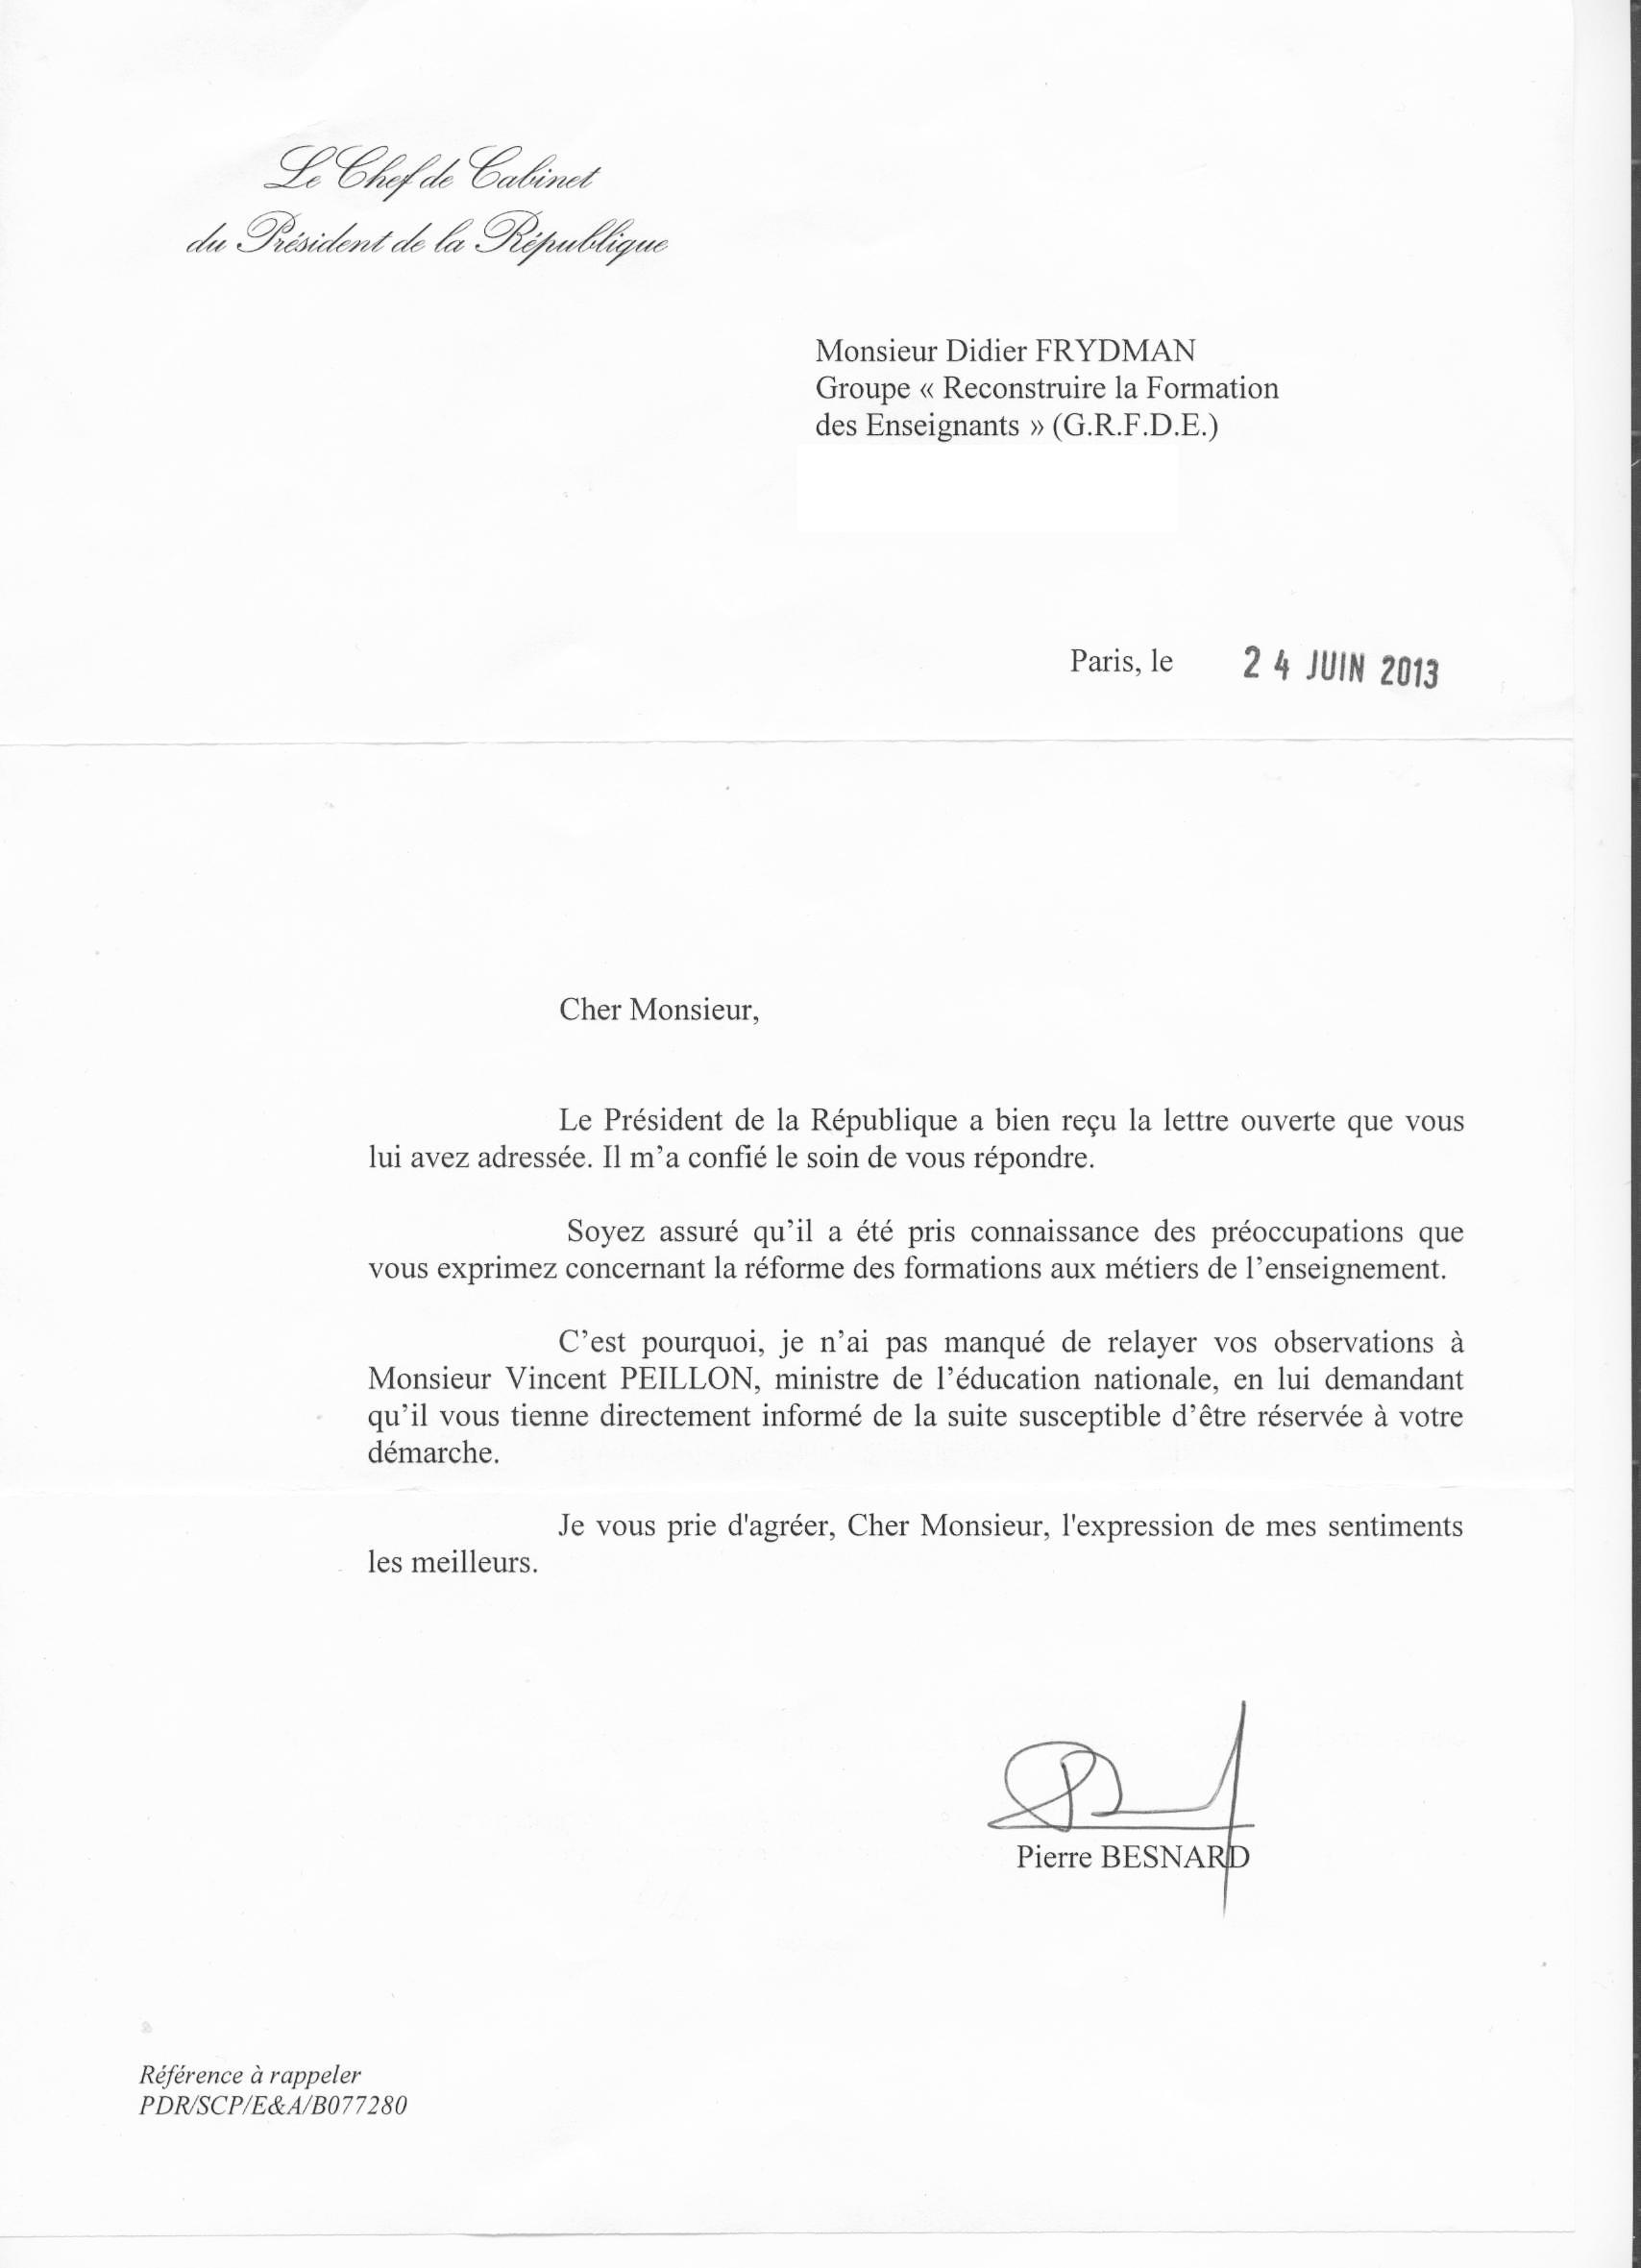 Très ACTUALITE DE LA FDE - (page 2) - HQ71